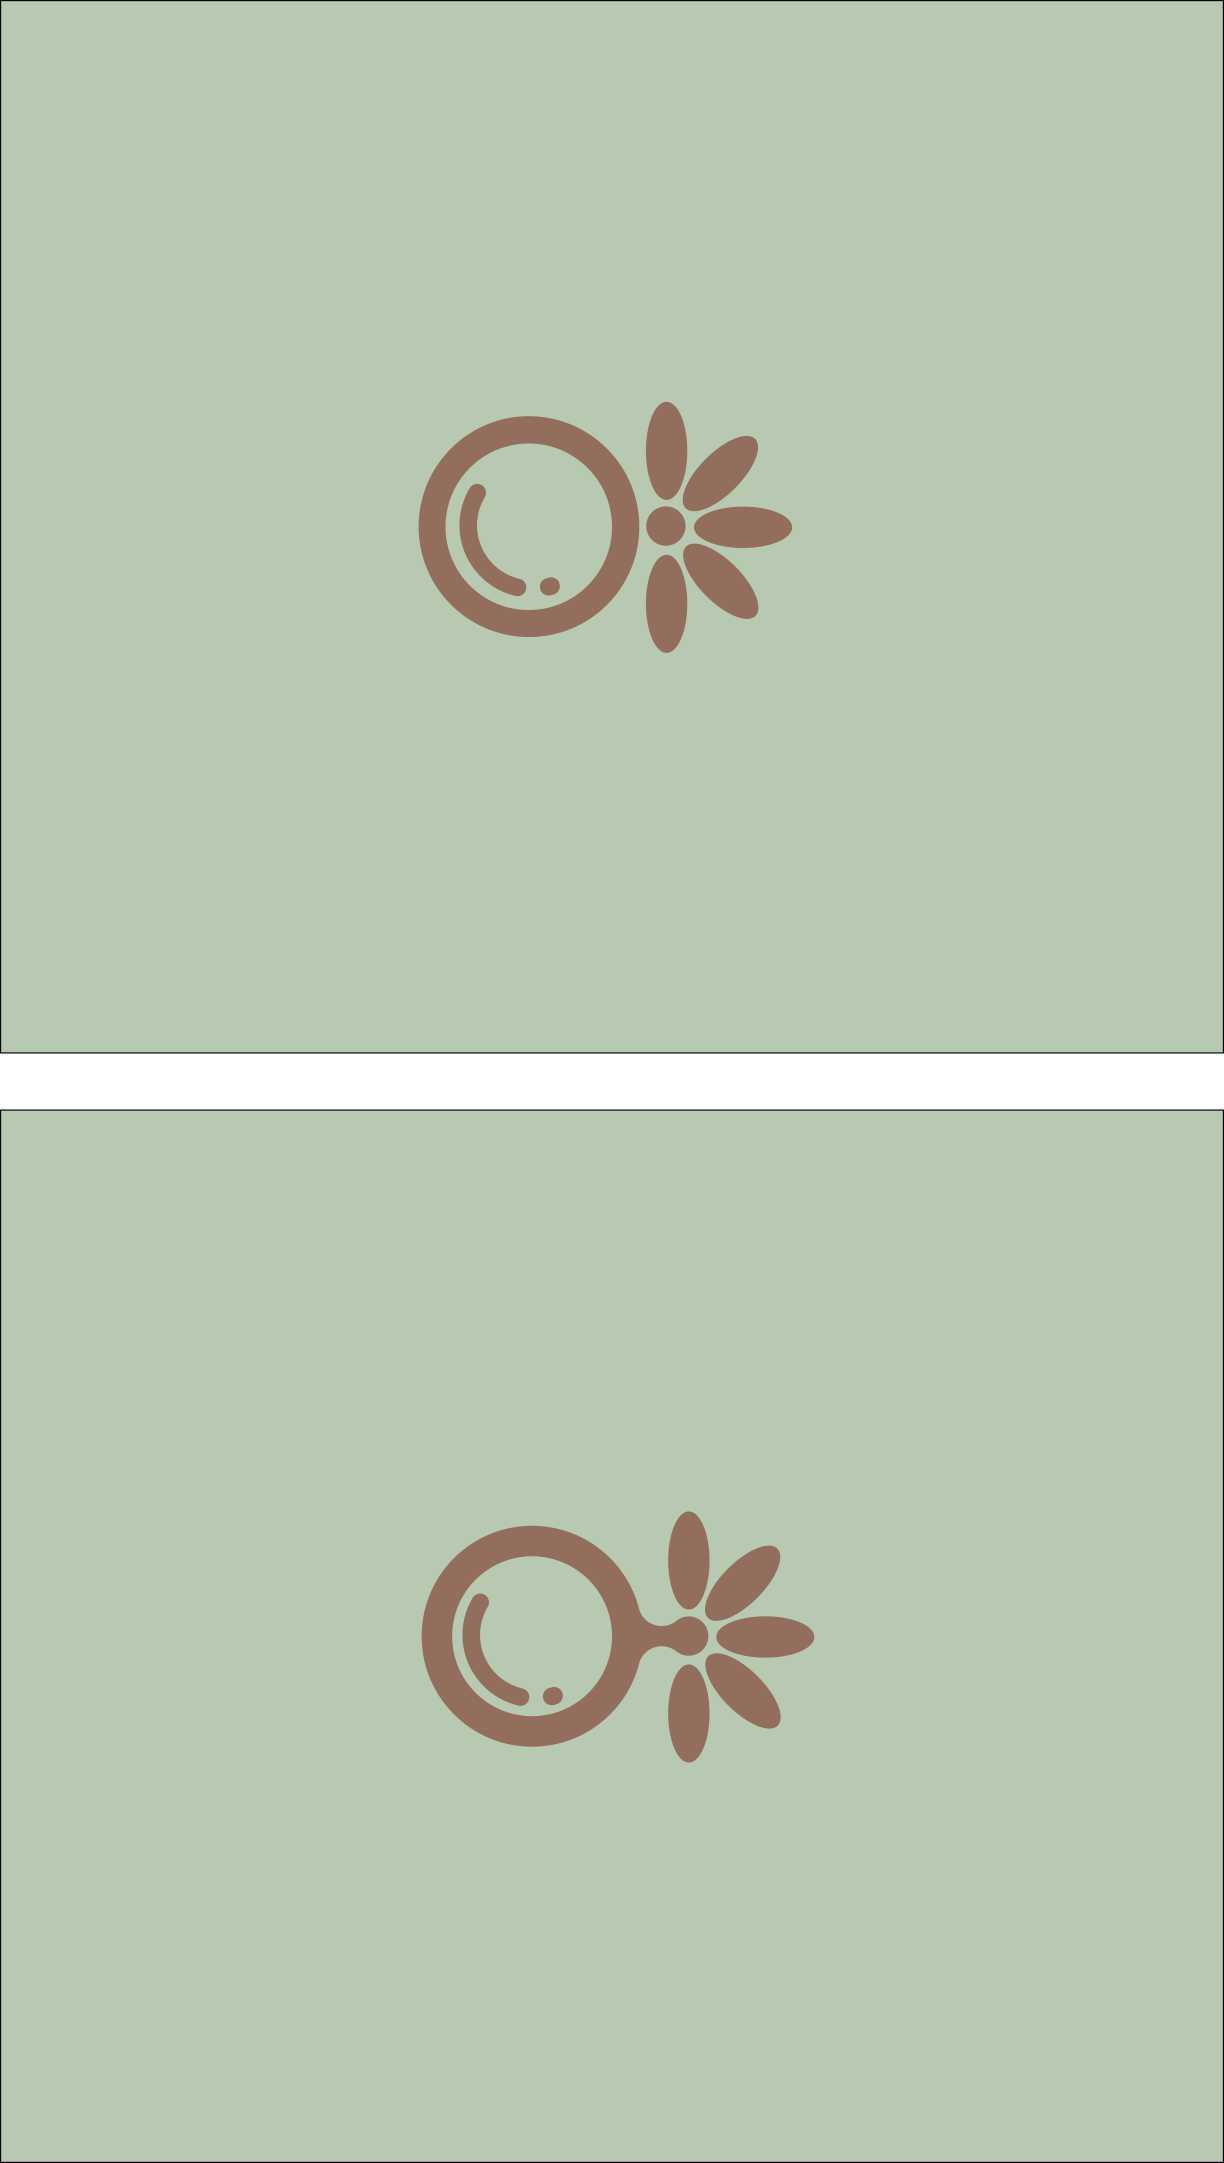 Логотип для ЦВЕТОКОД  фото f_0905d060b5fa3a09.jpg